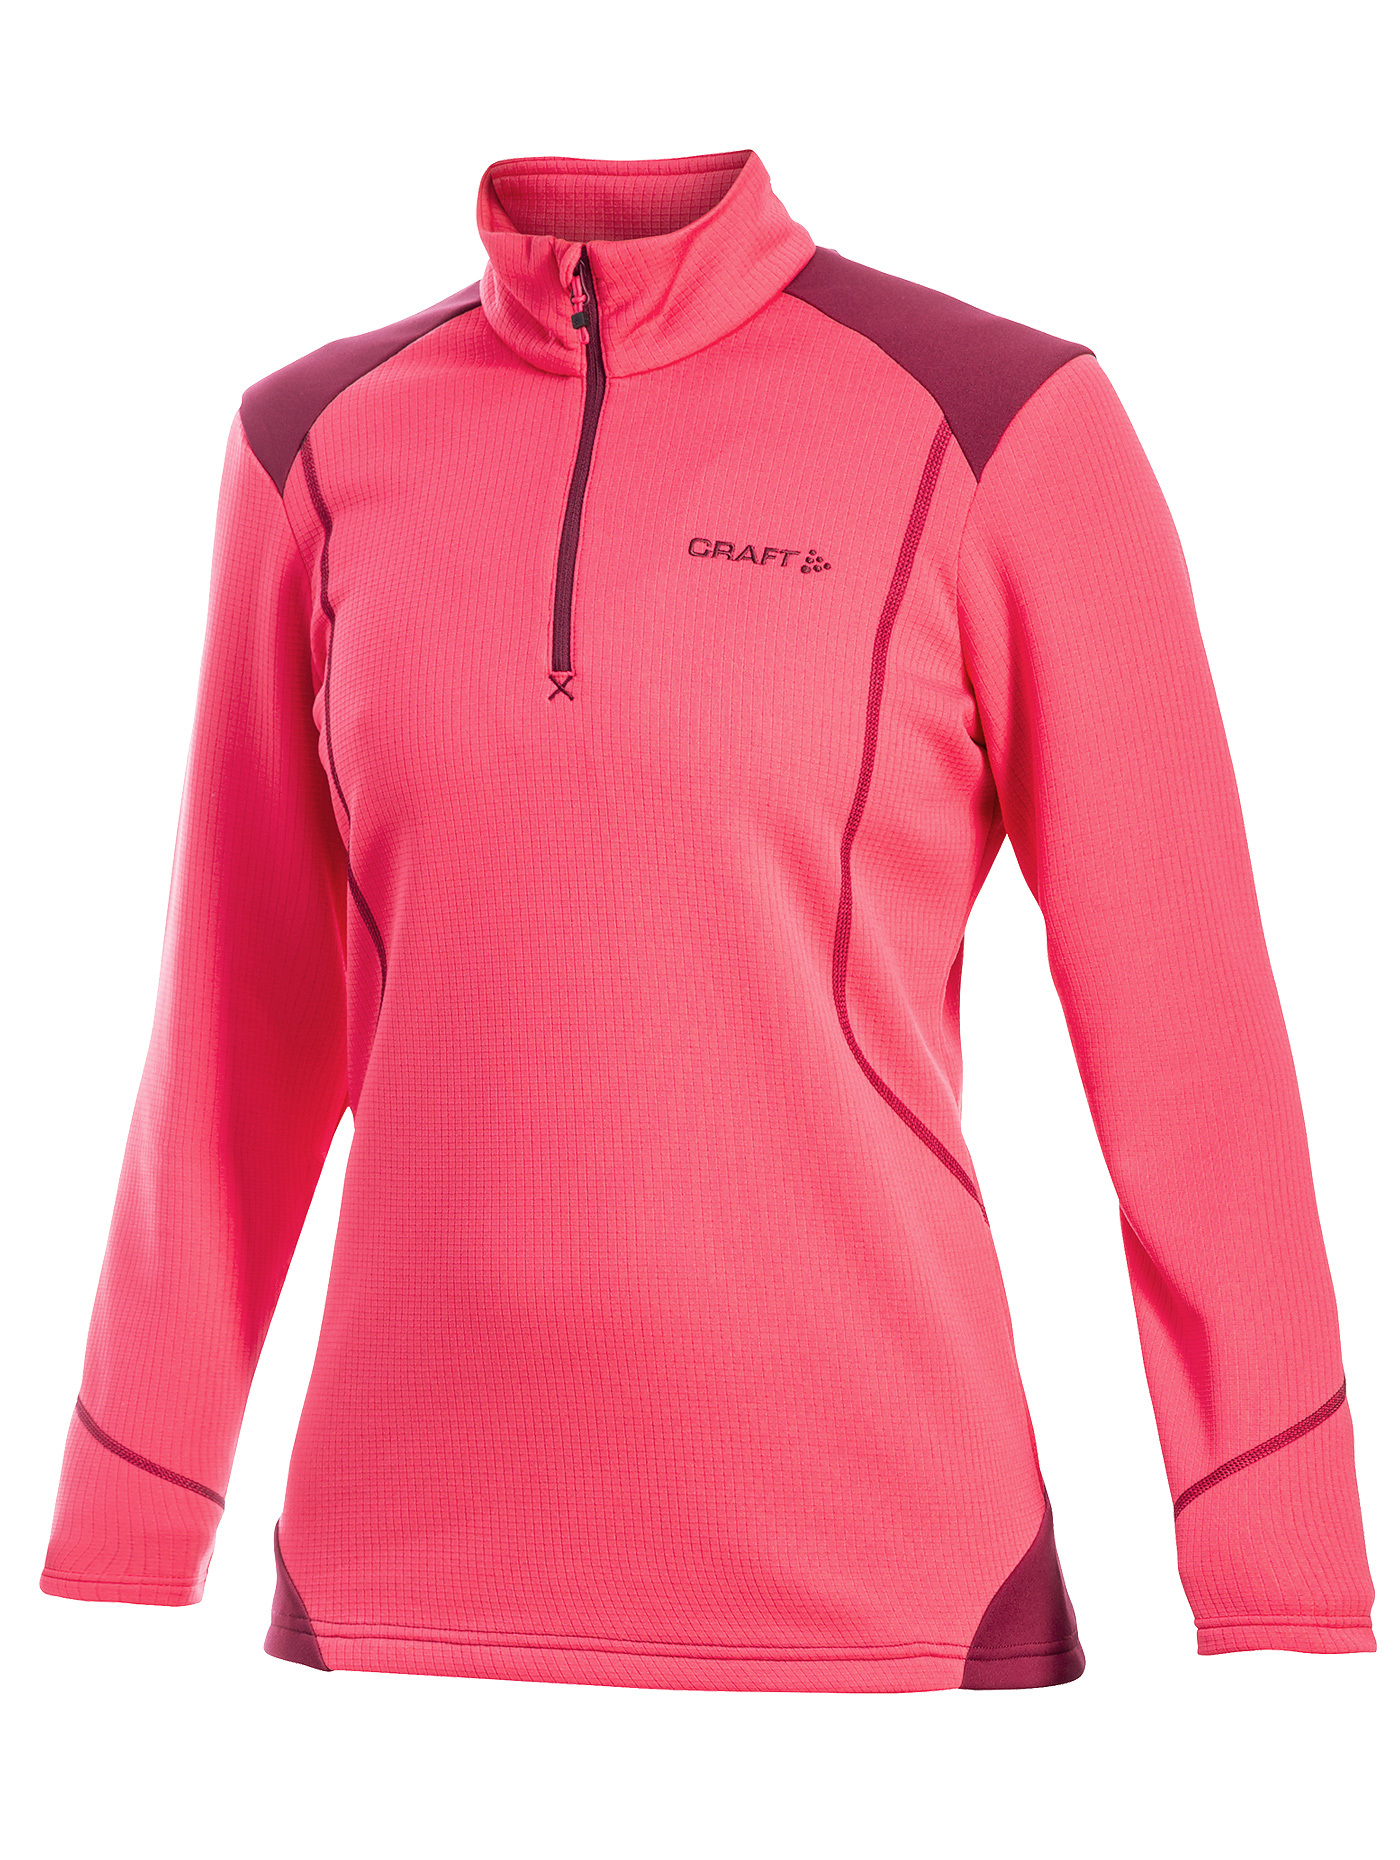 Толстовка Craft Shift Free женская pink 1902250-3477